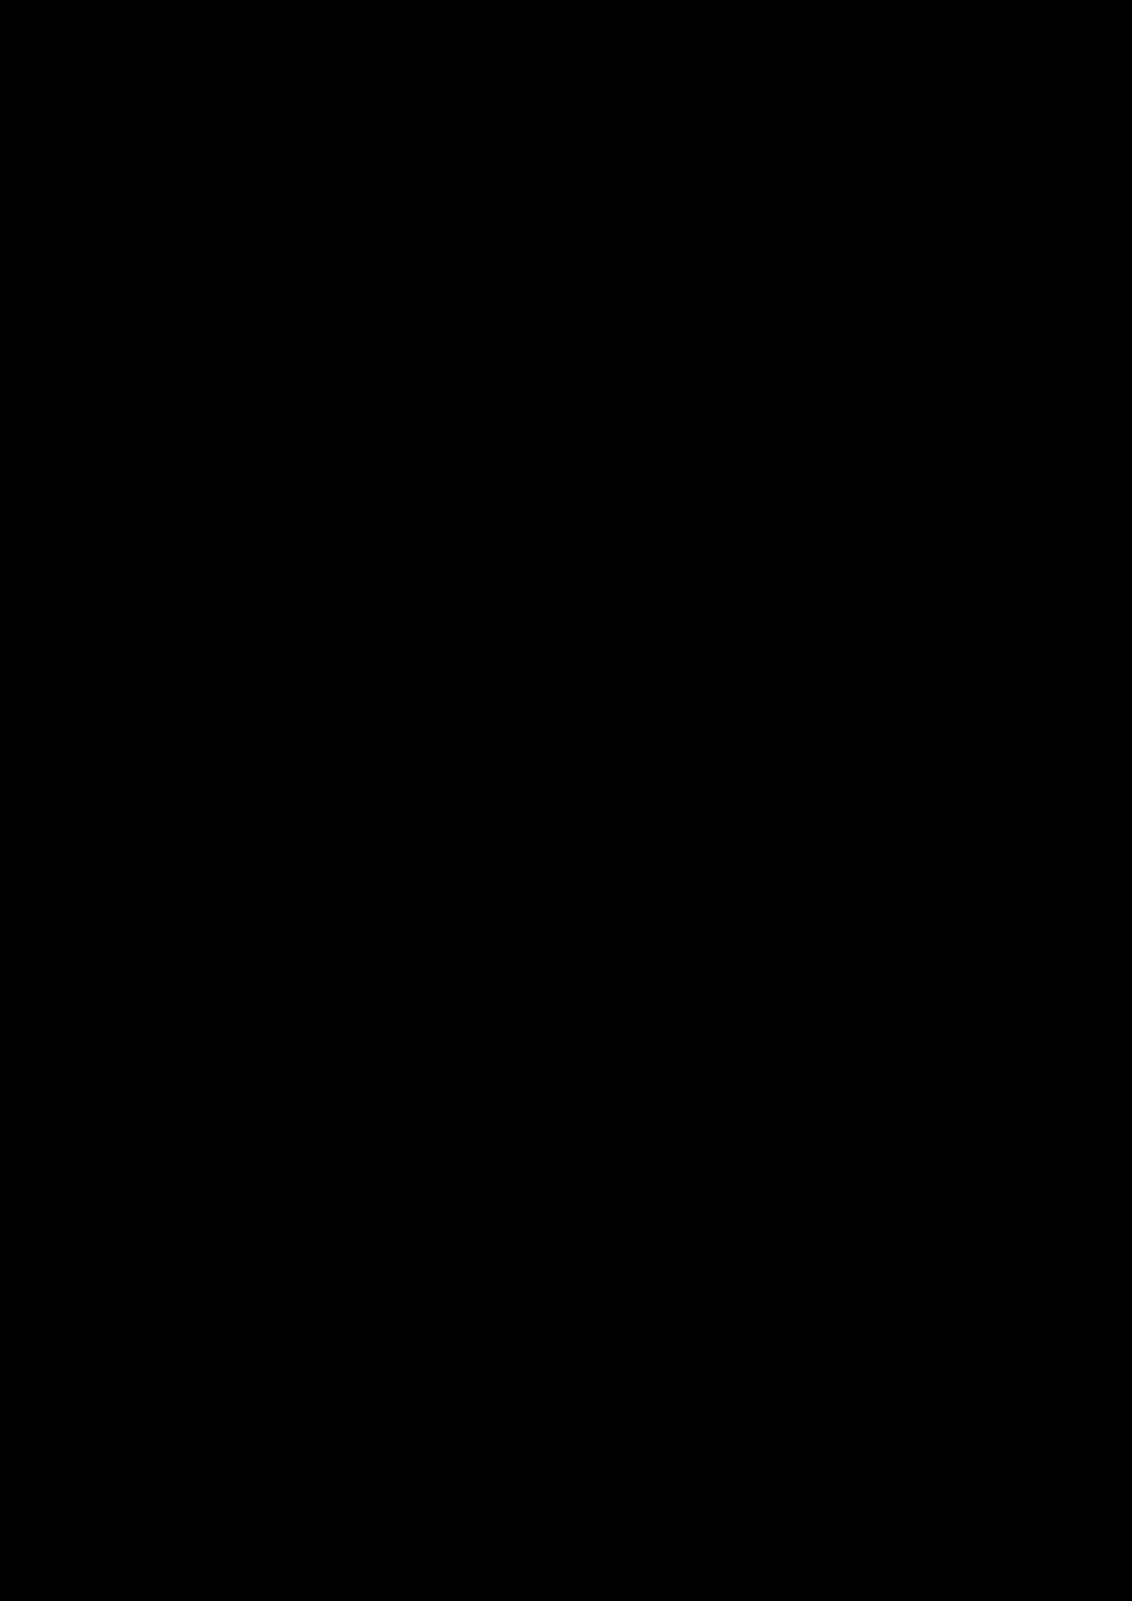 Prolog slide, Image 30